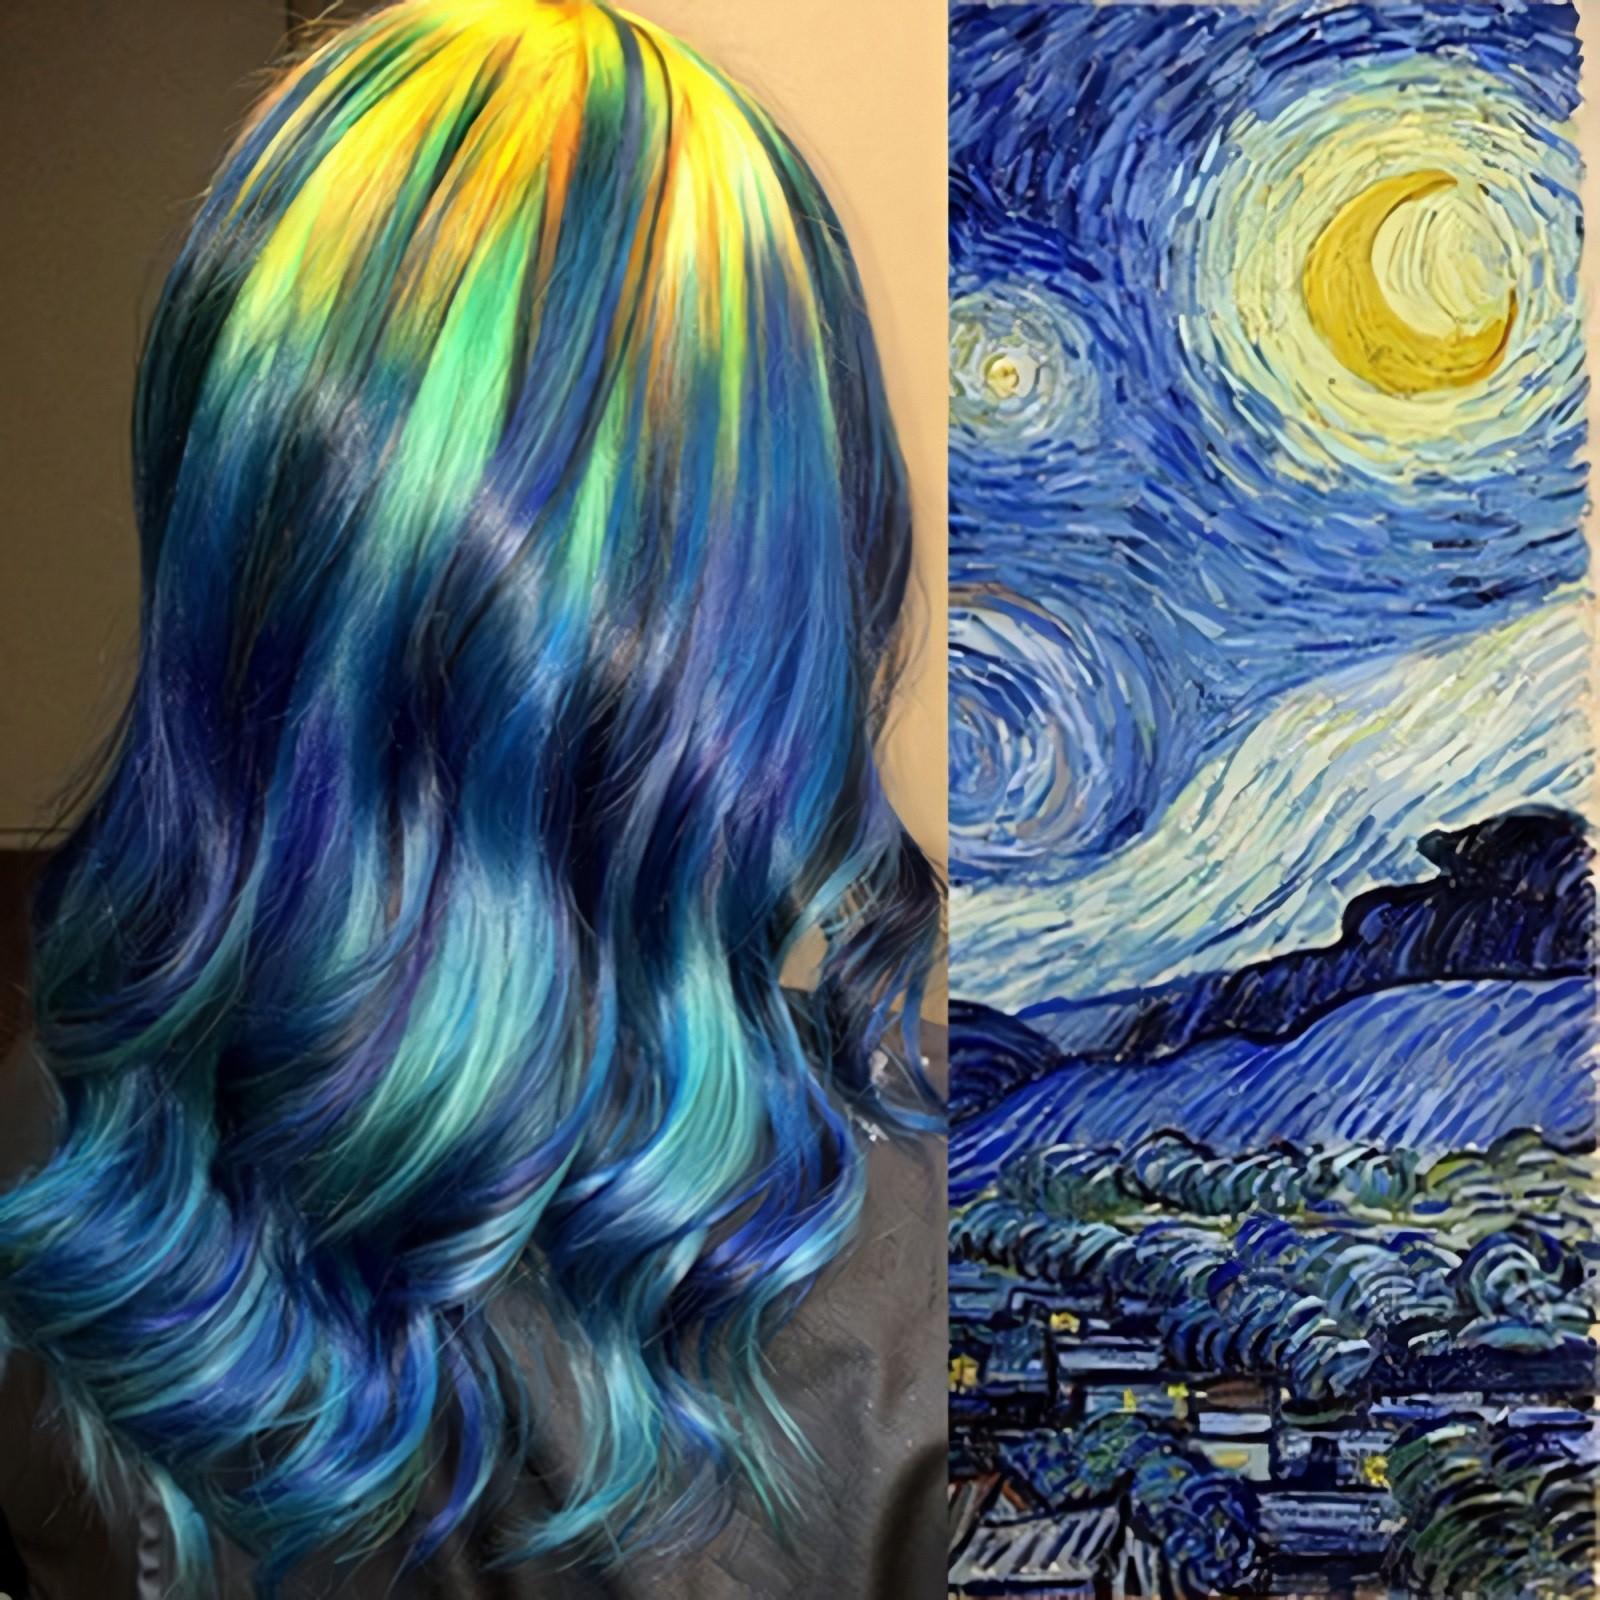 От северного сияния до радуги: парикмахер создаёт на волосах картины известных художников из светящихся красок